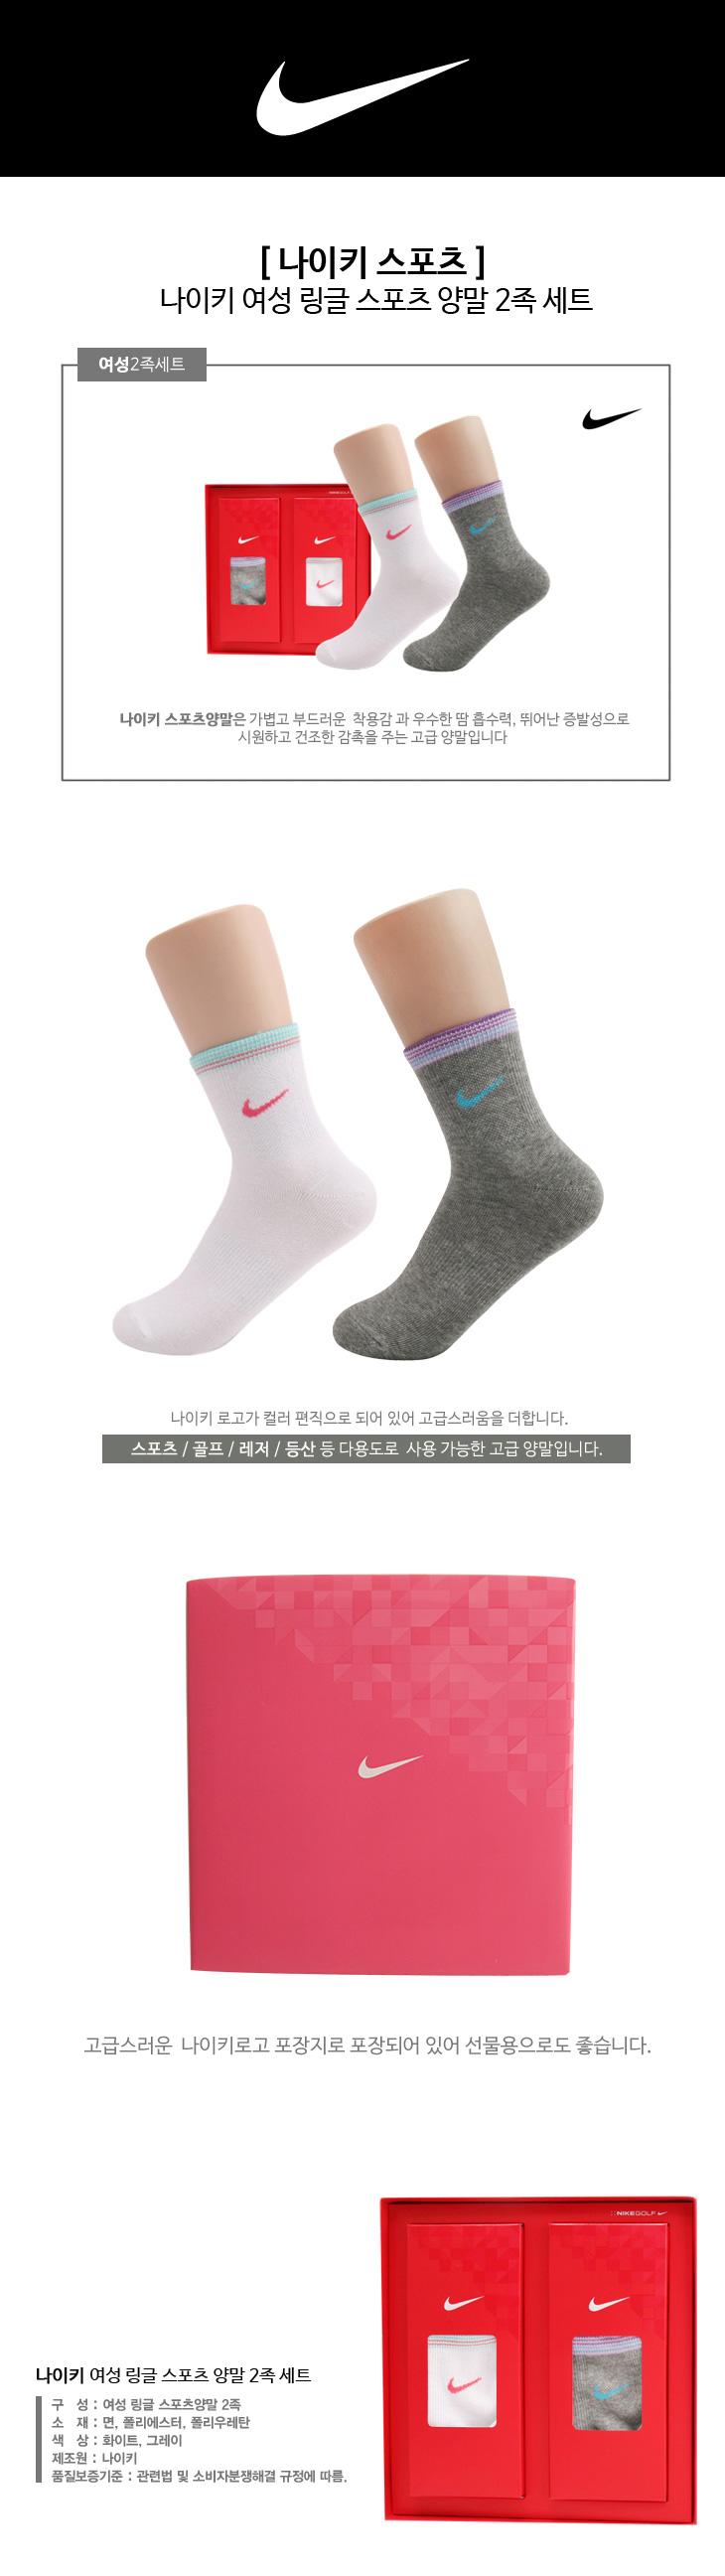 Nike-W2P_info.jpg